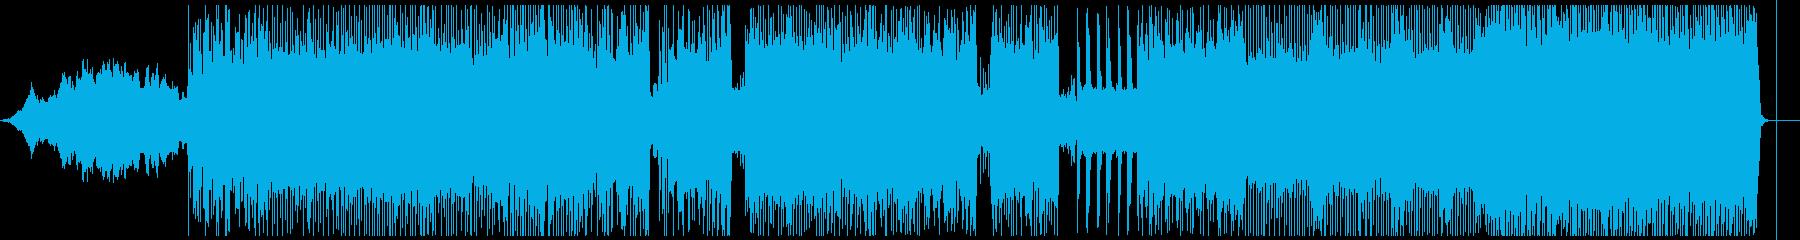 インストゥルメンタルロックソロ。エ...の再生済みの波形